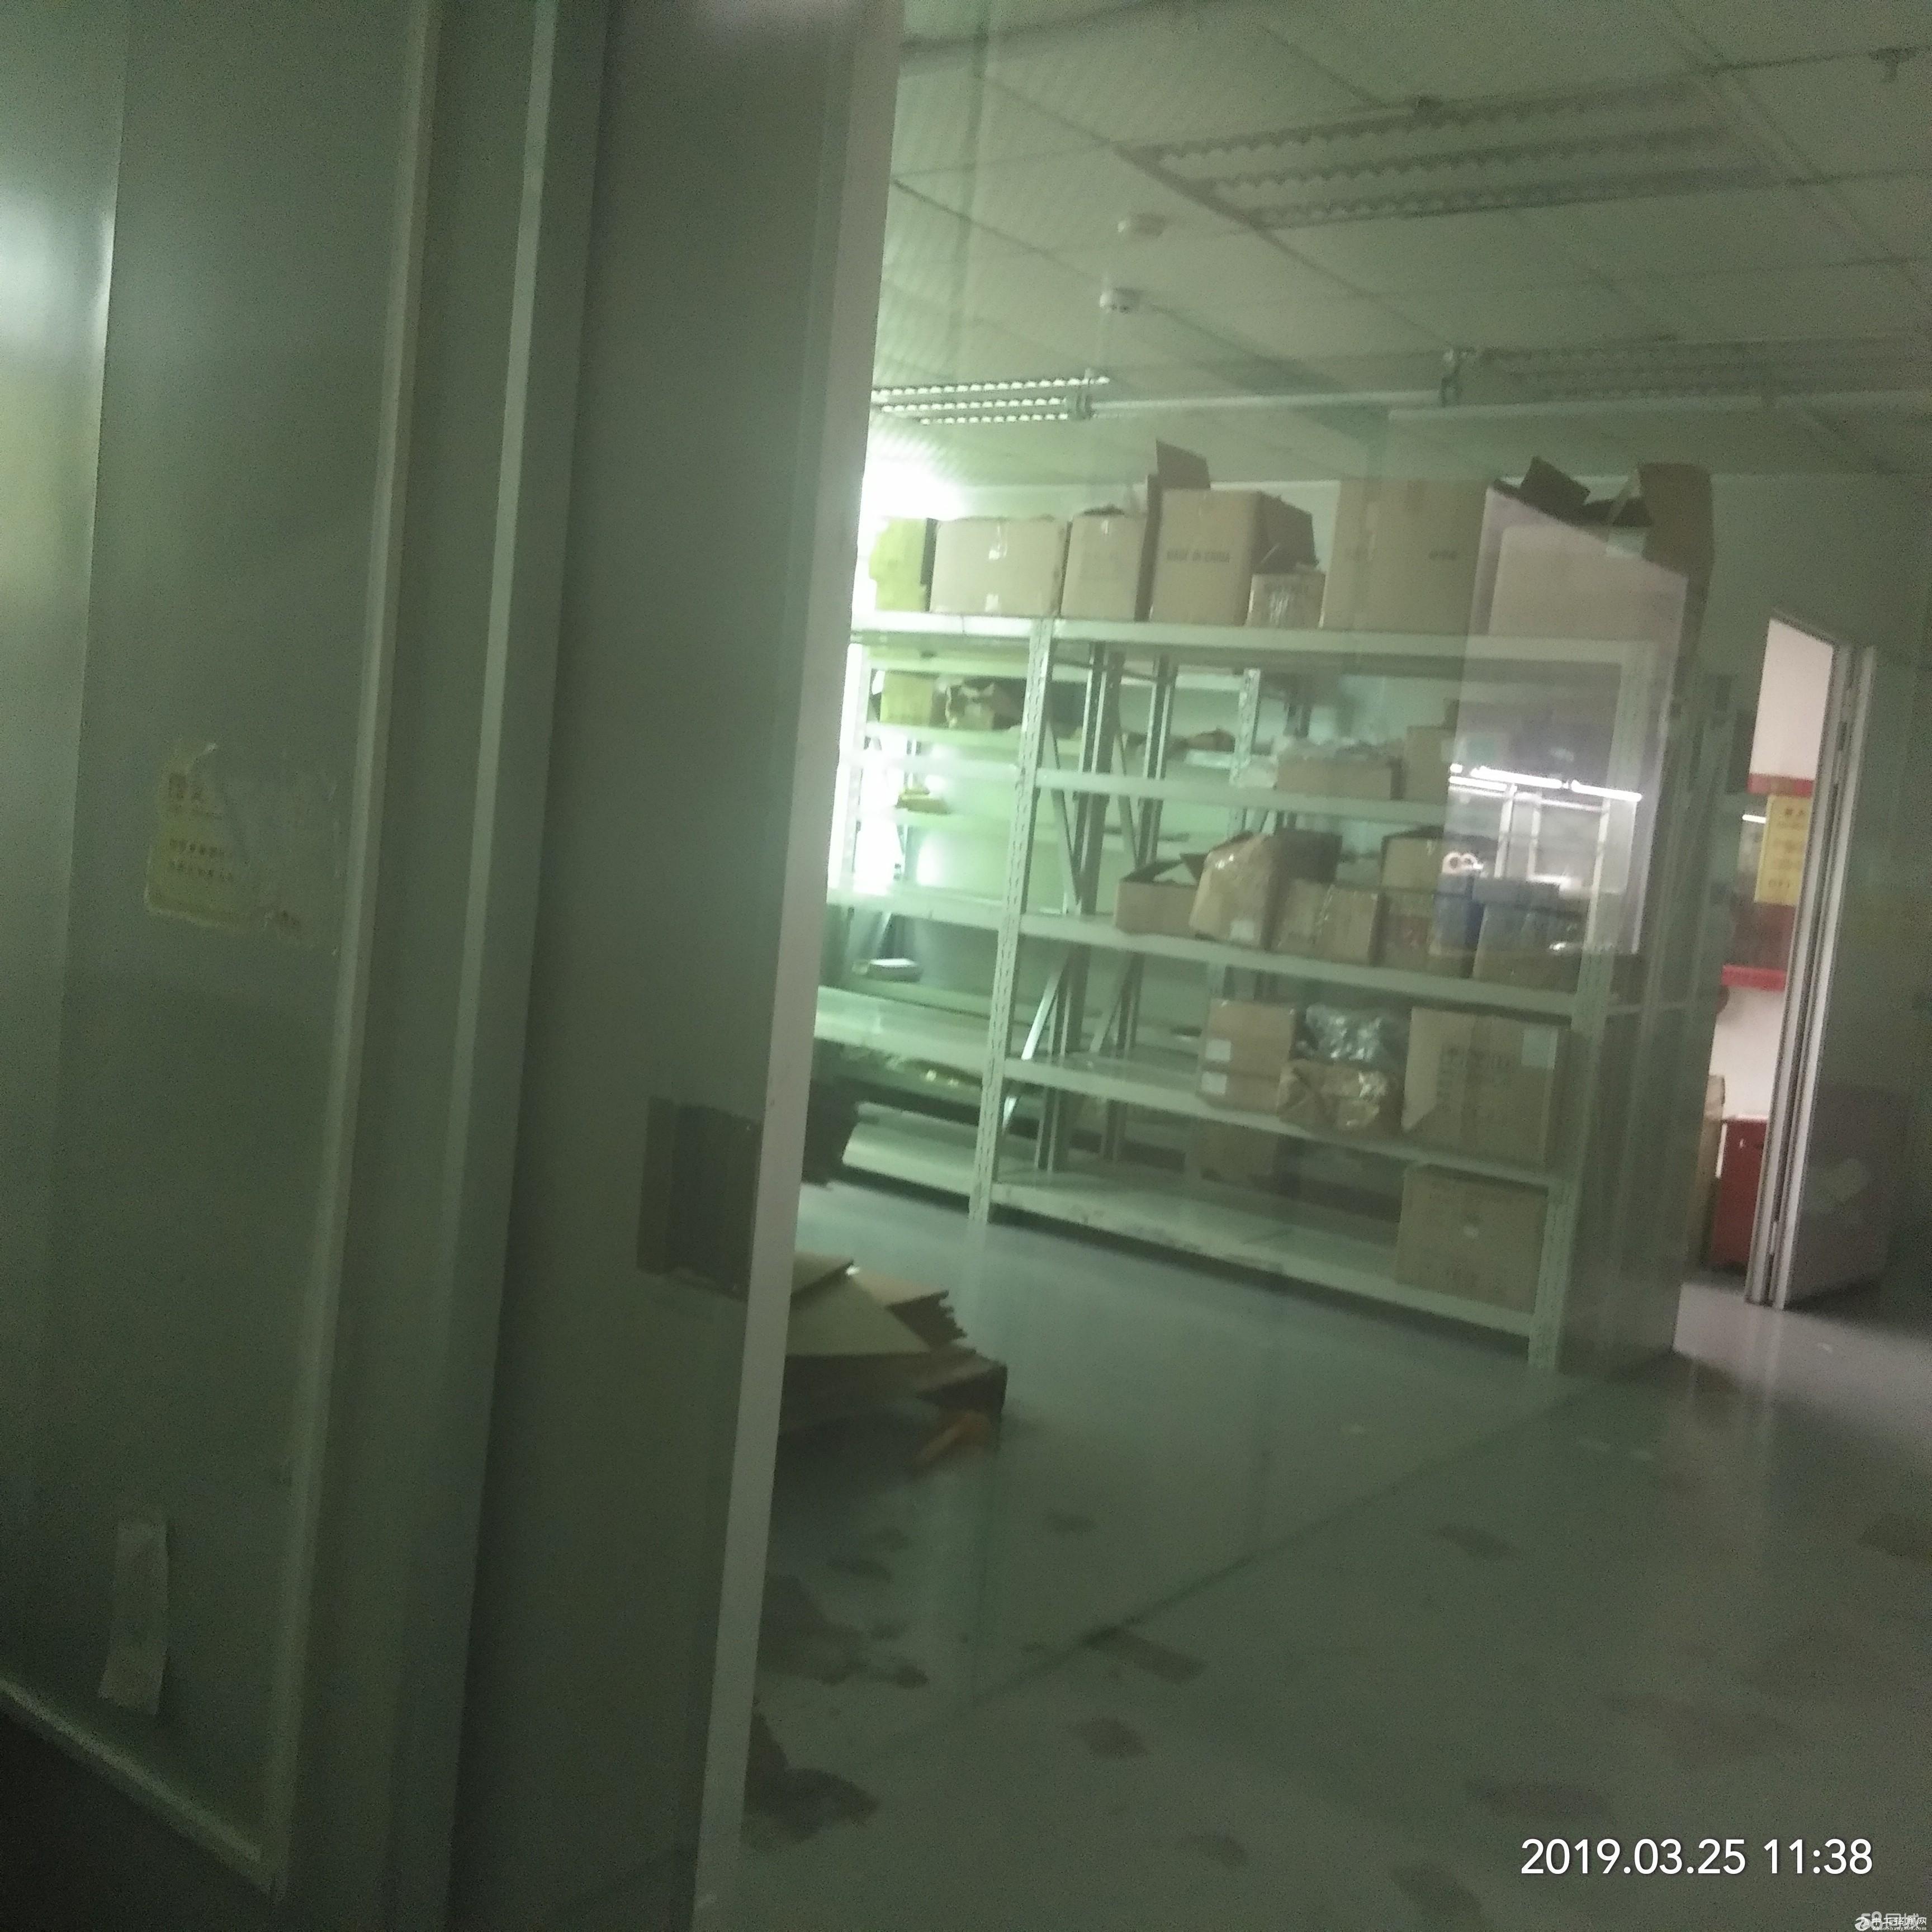 平湖华南城富民工业区2,3楼单层面积2200平方